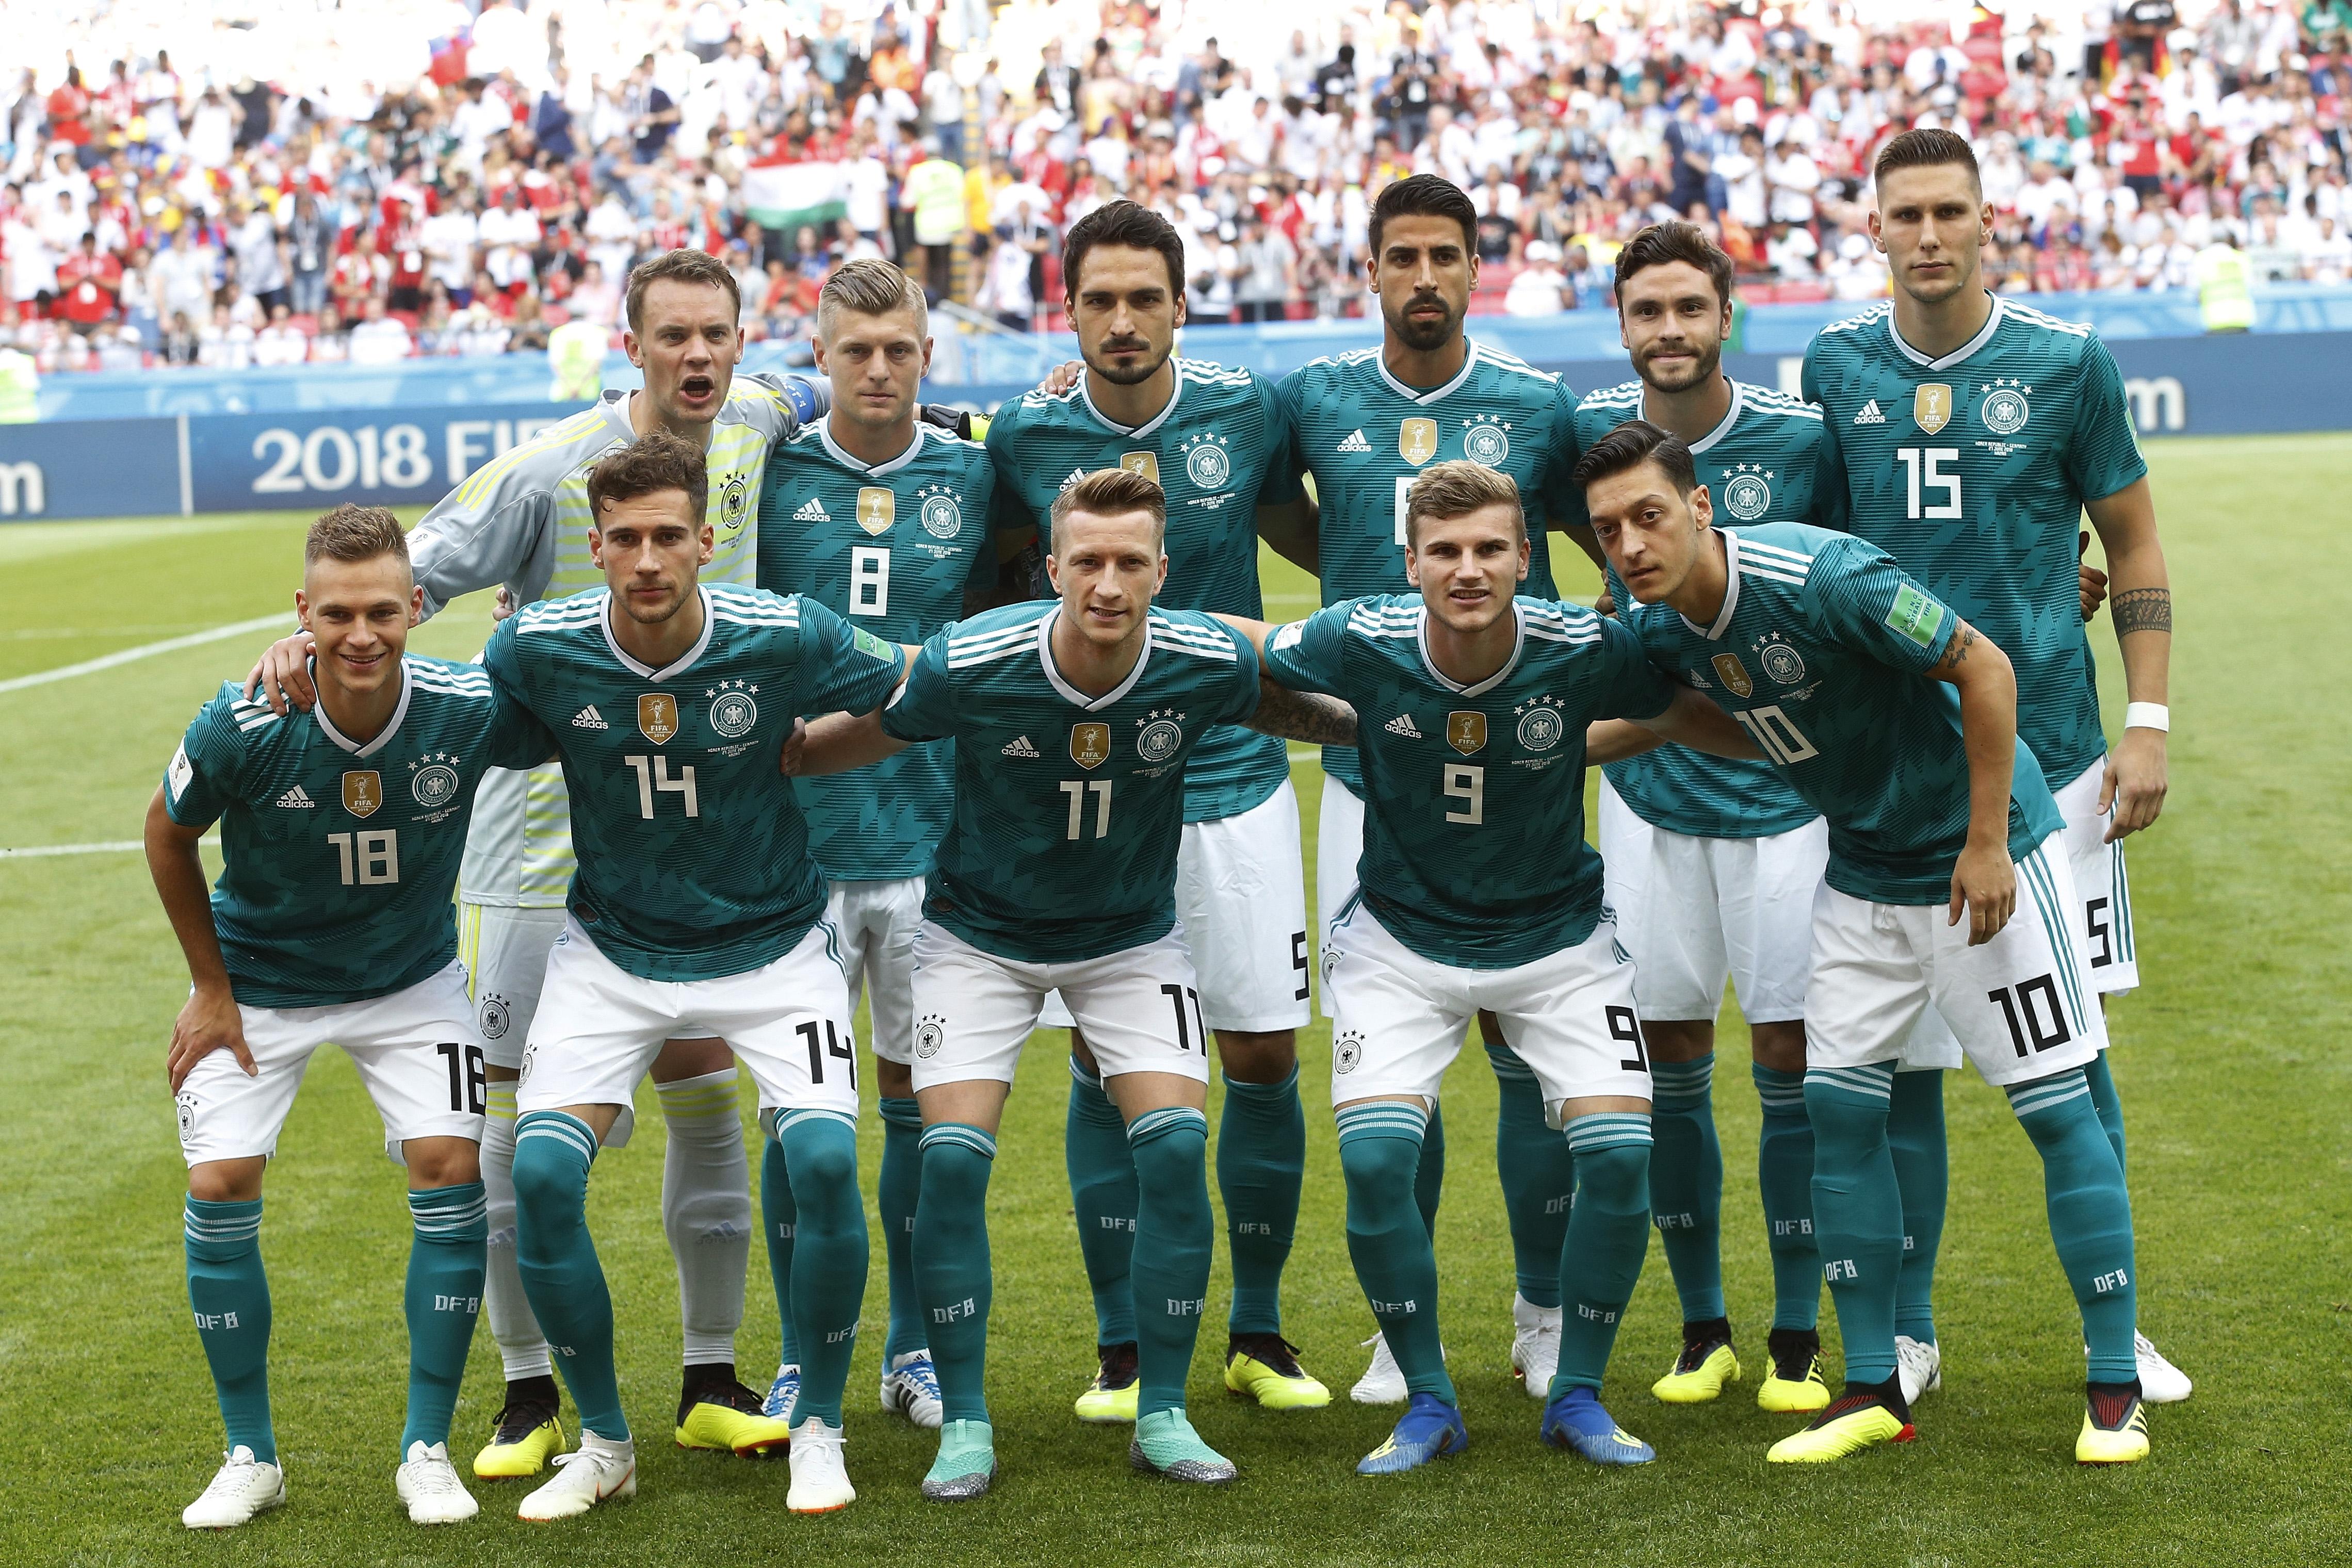 Rematan jersey de Alemania en tiendas deportivas de México - Estadio ... 12b21b292639d